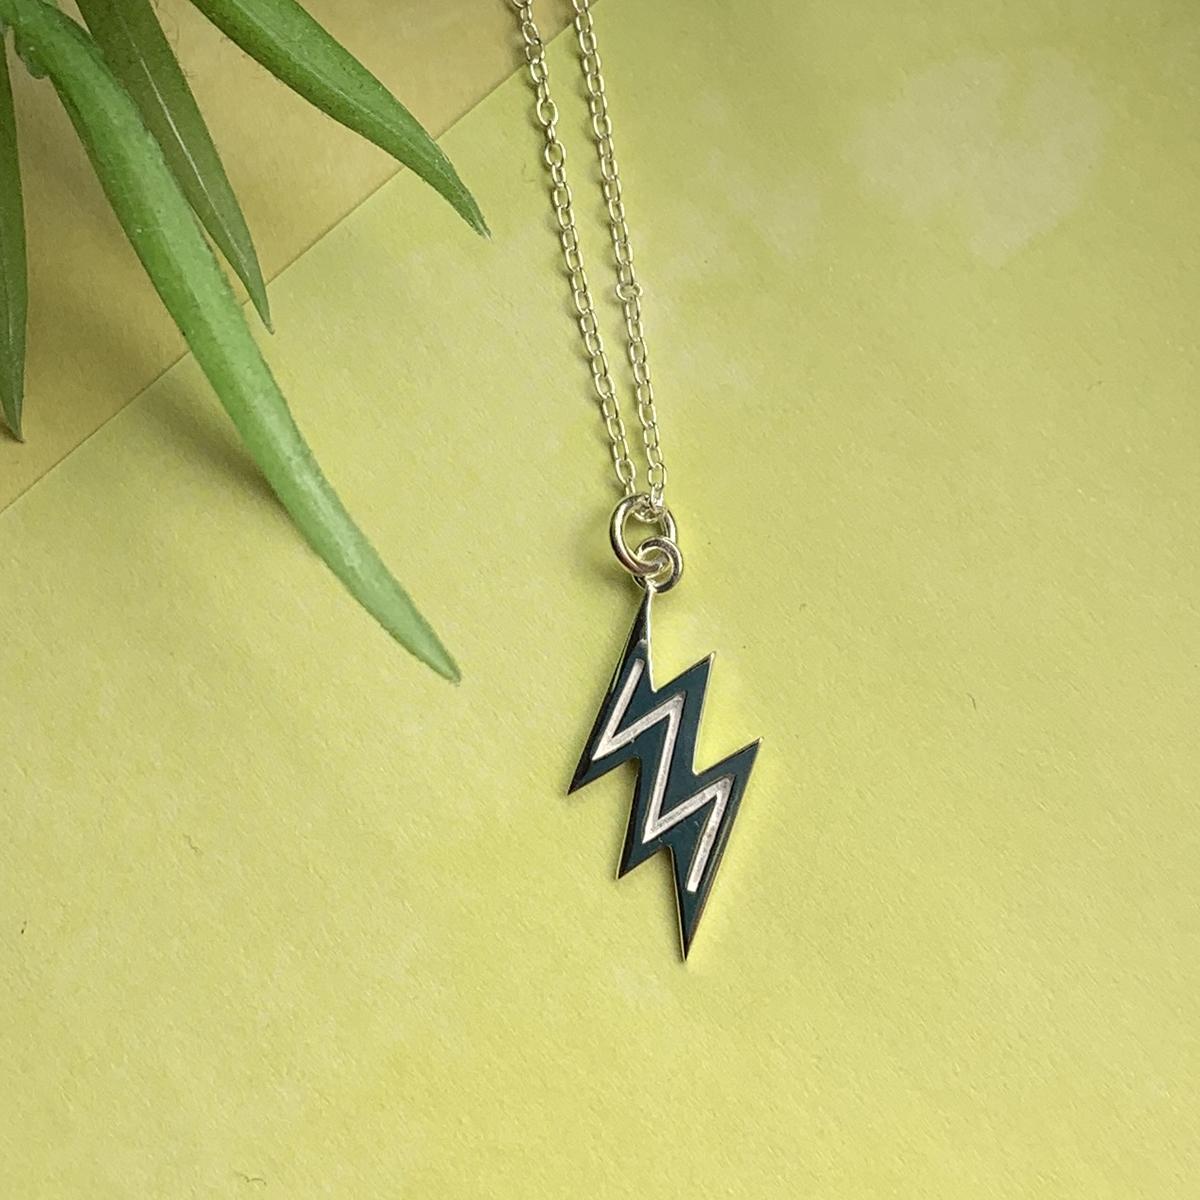 Lightning bolt Necklace Photoshoot